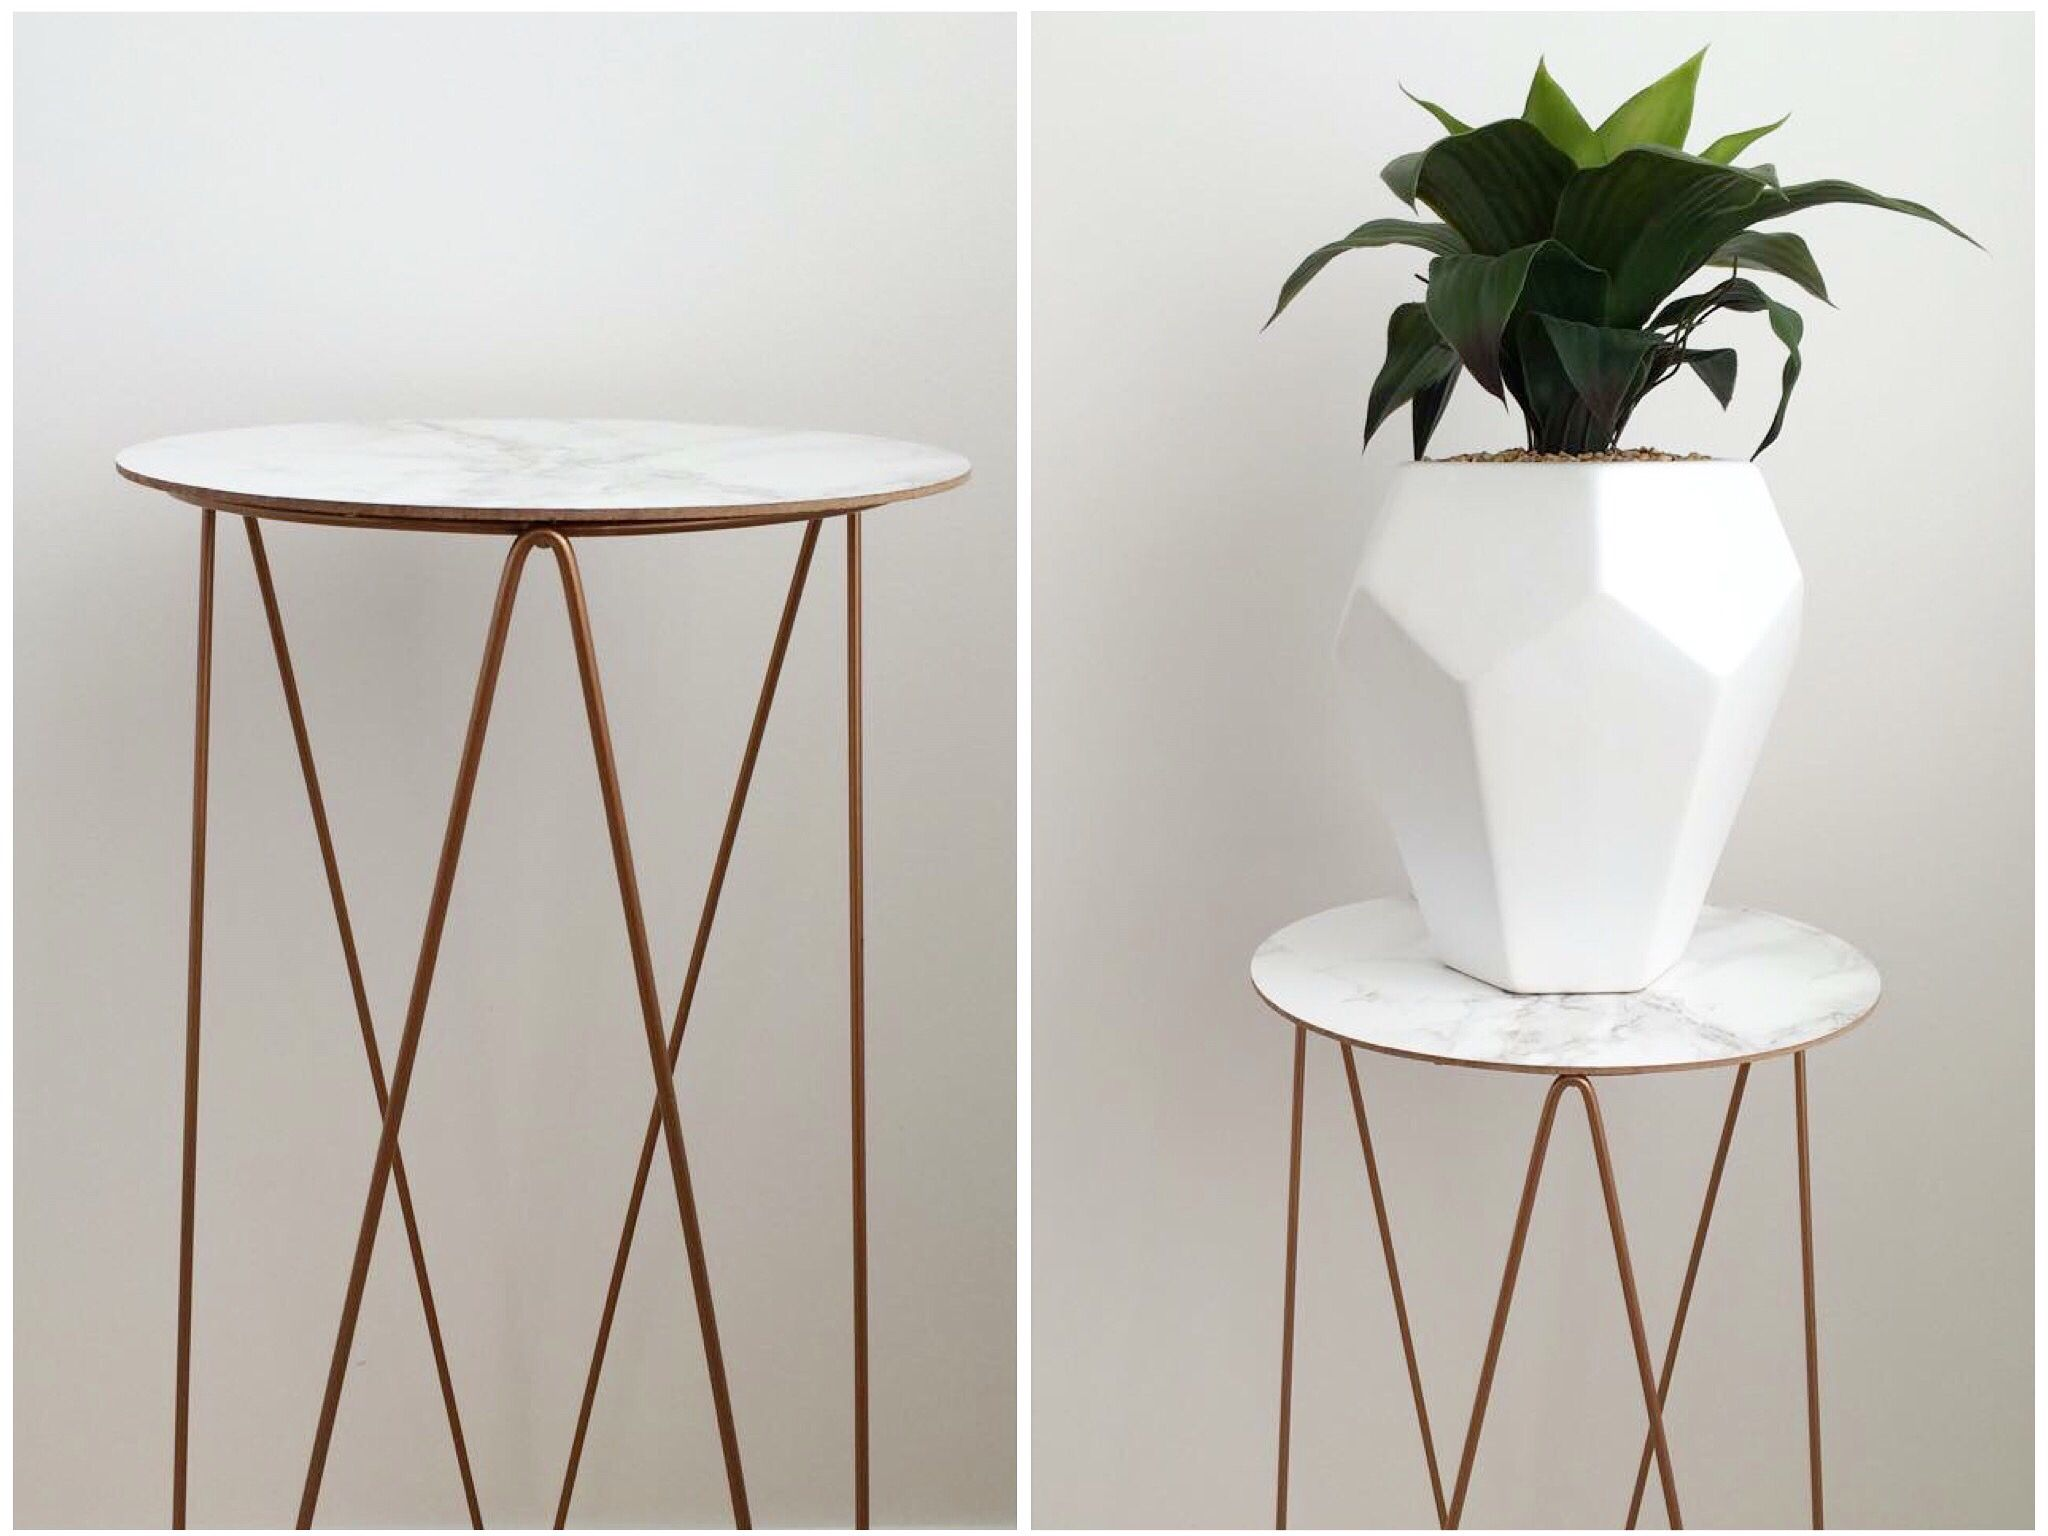 diy marble copper side table diy bedroom decor. Black Bedroom Furniture Sets. Home Design Ideas